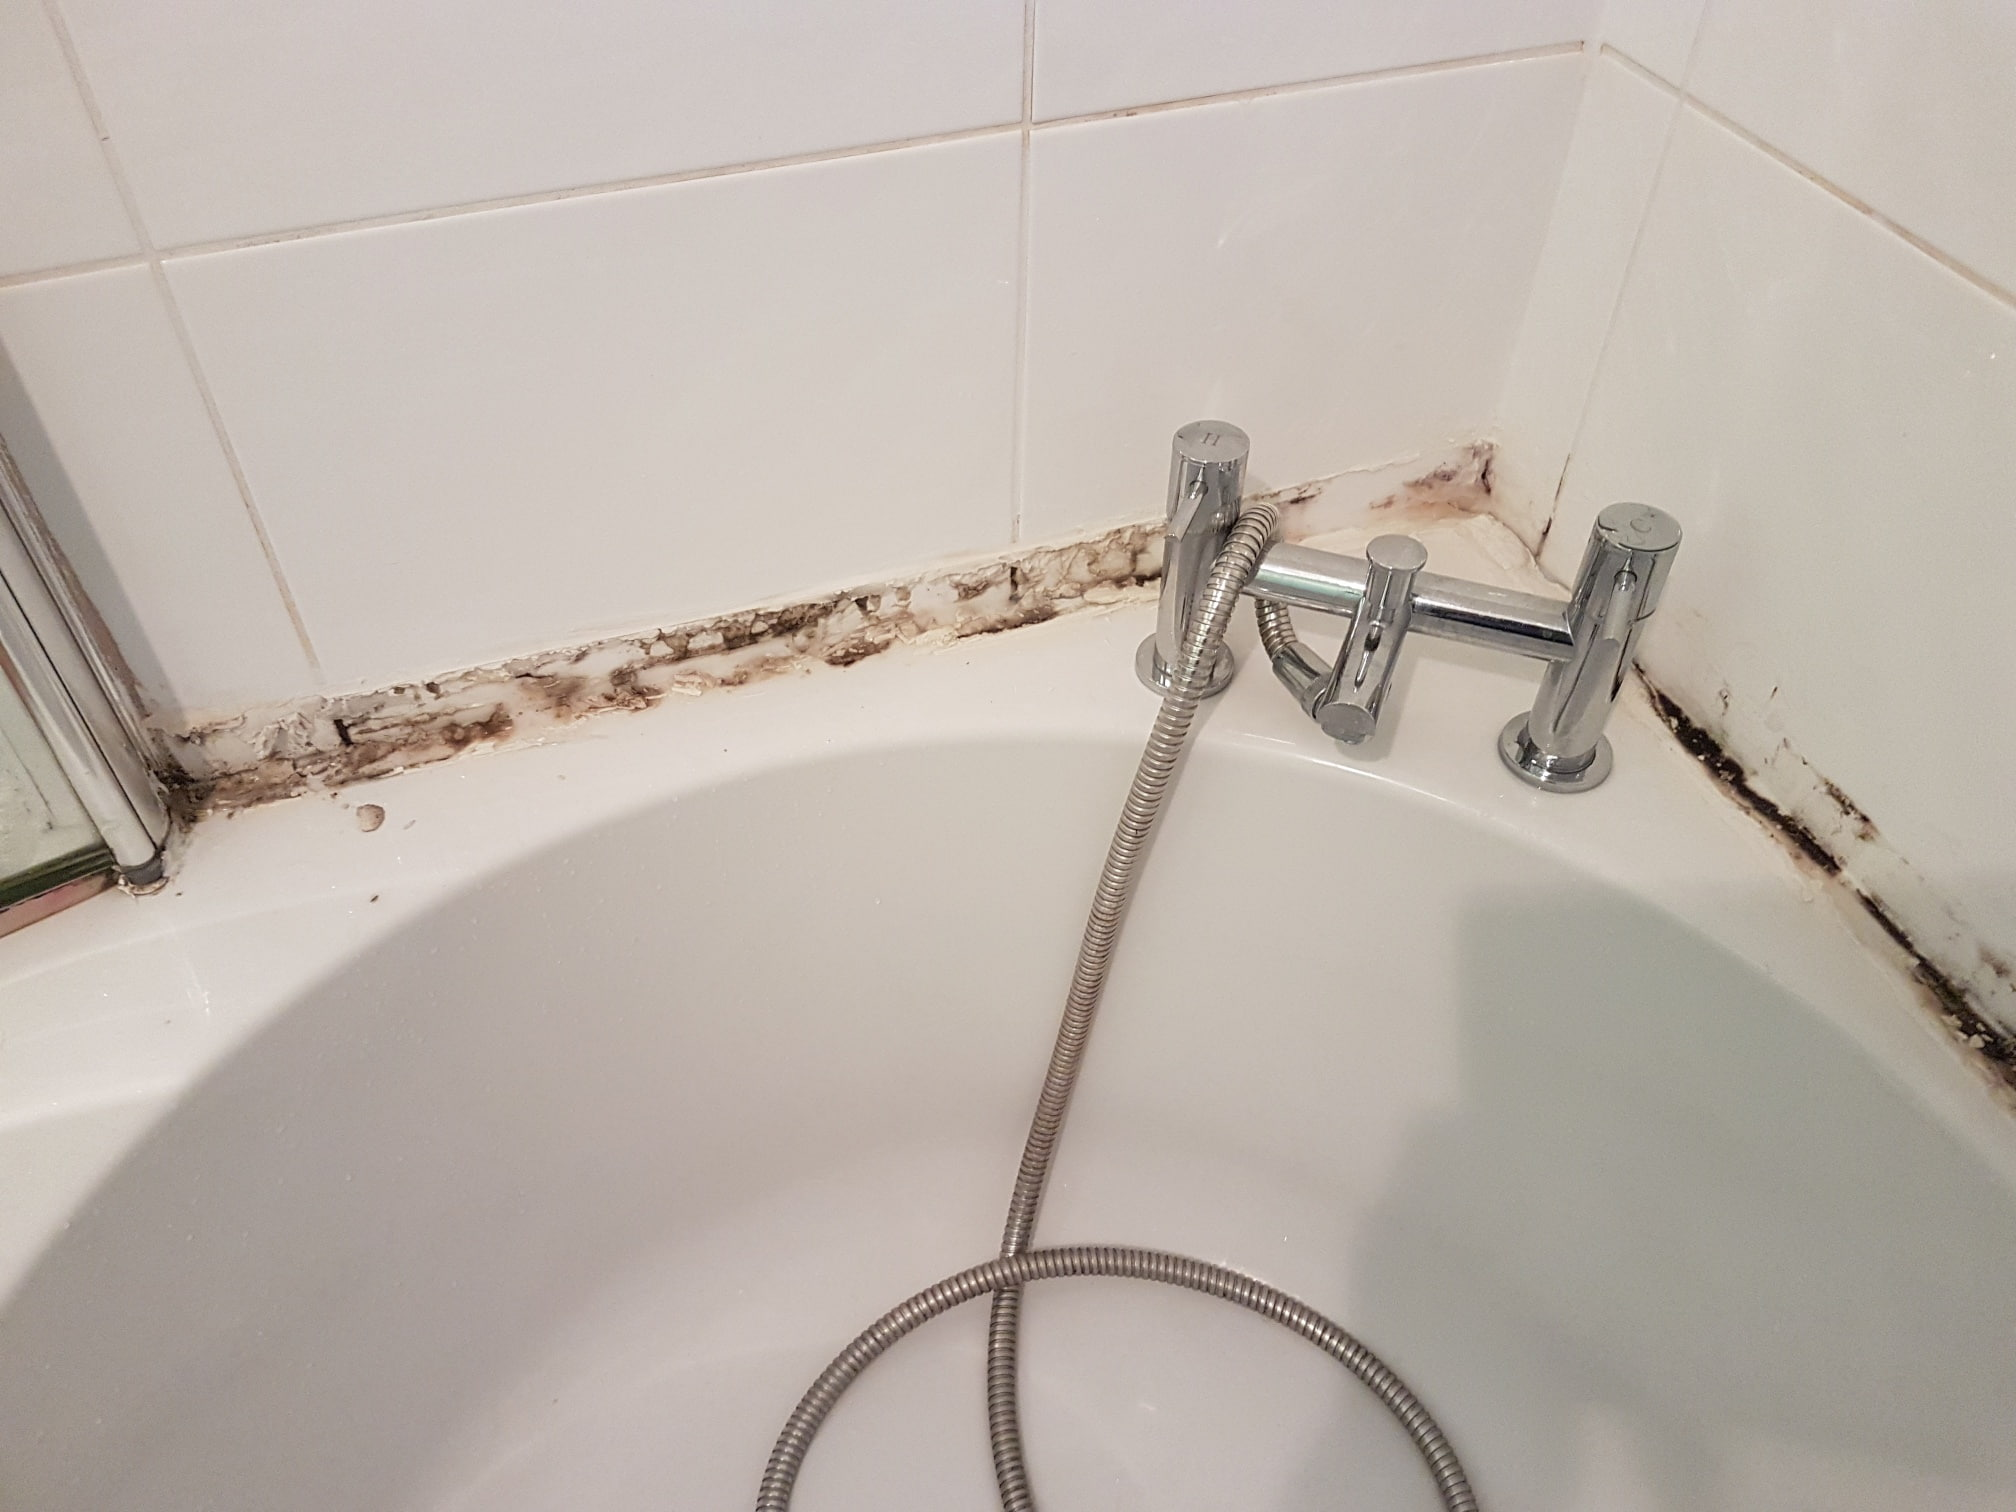 Renovating White Ceramic Tiled Bathroom Harrogate Before